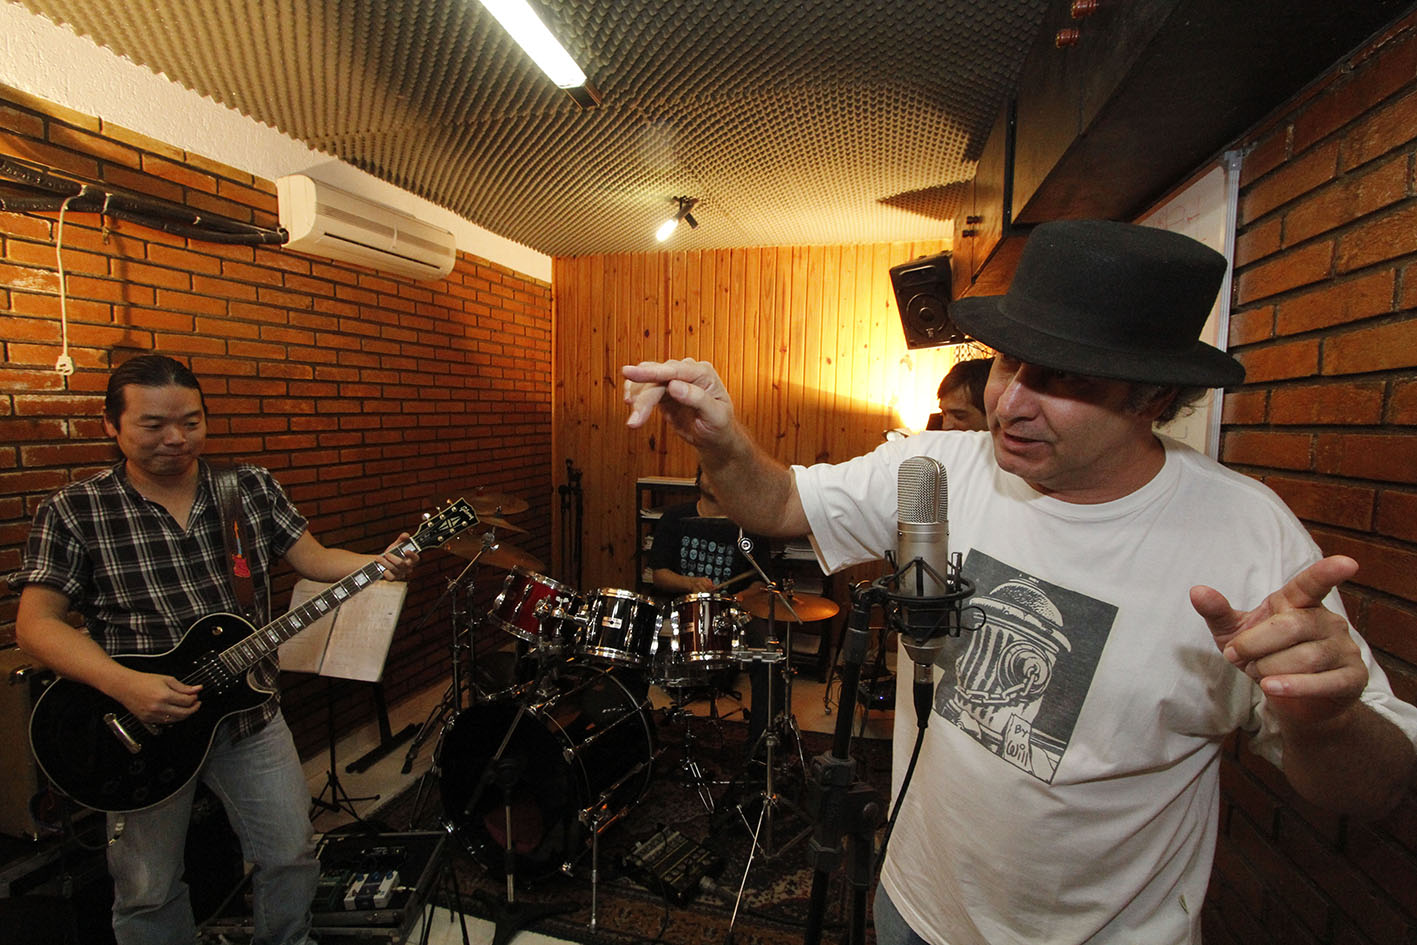 Ensaio com a banda Fracasso da Raça, São Paulo (2012). Foto Juvenal Pereira